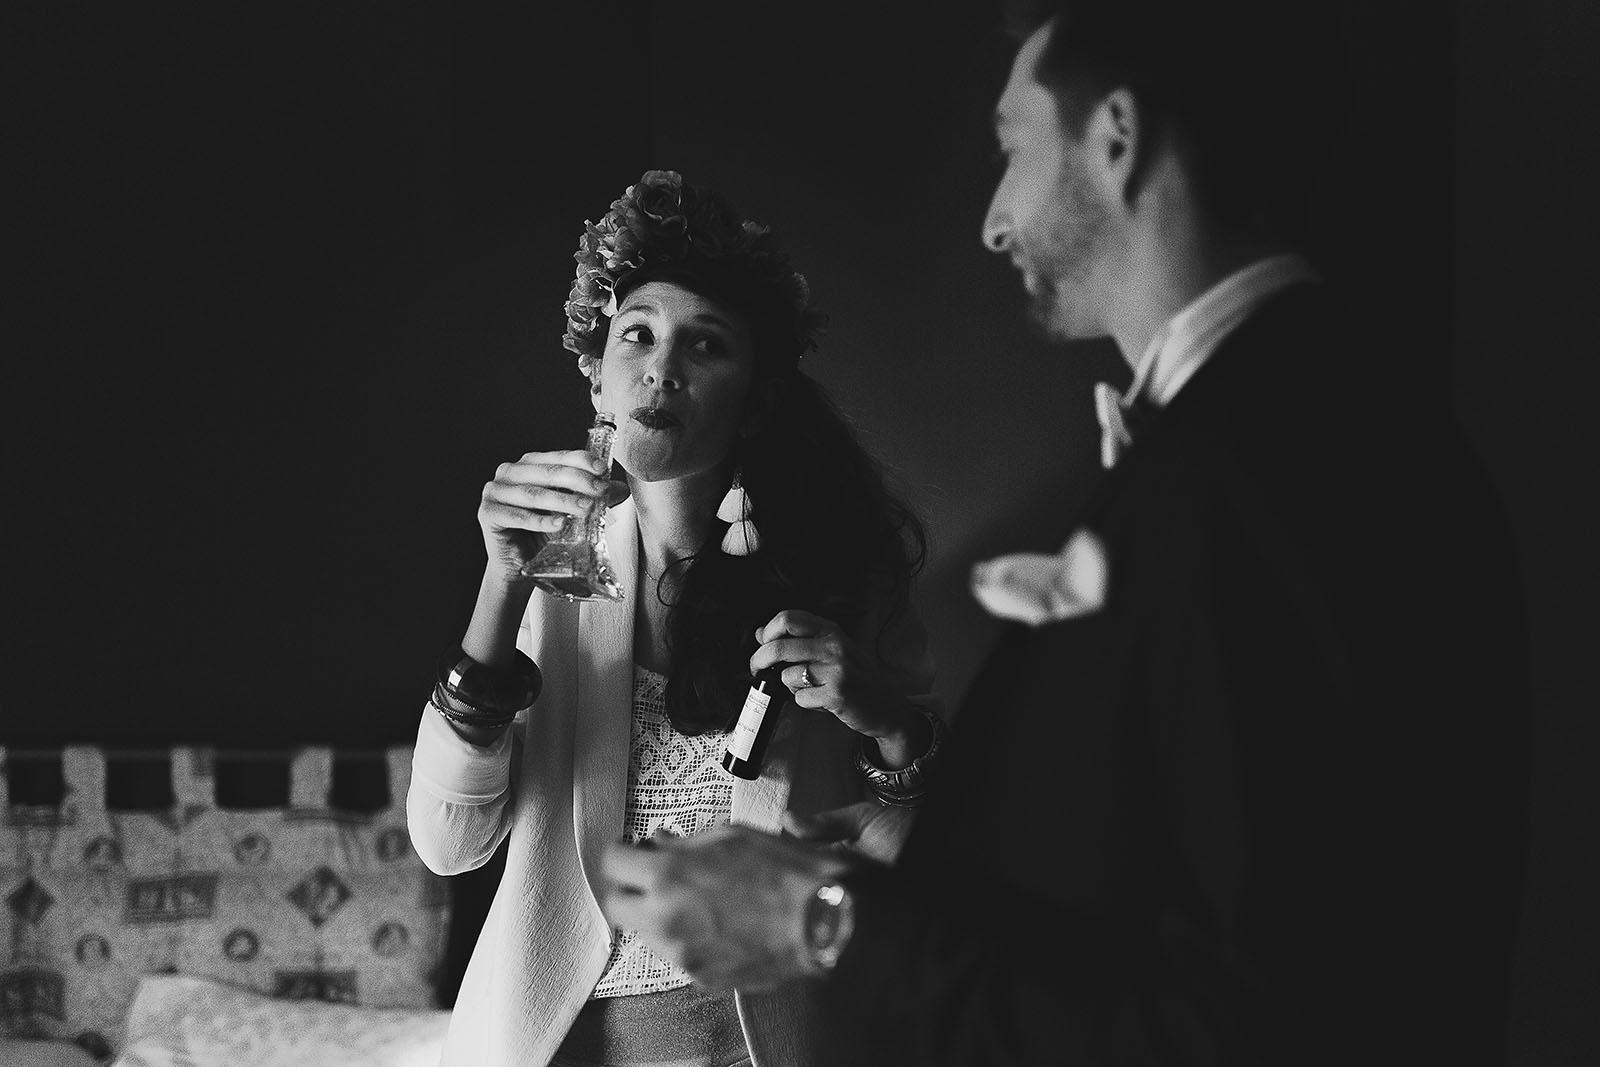 Photographe de mariage à Clermont Ferrand La mariée boit de l'alcool avant la cérémonie